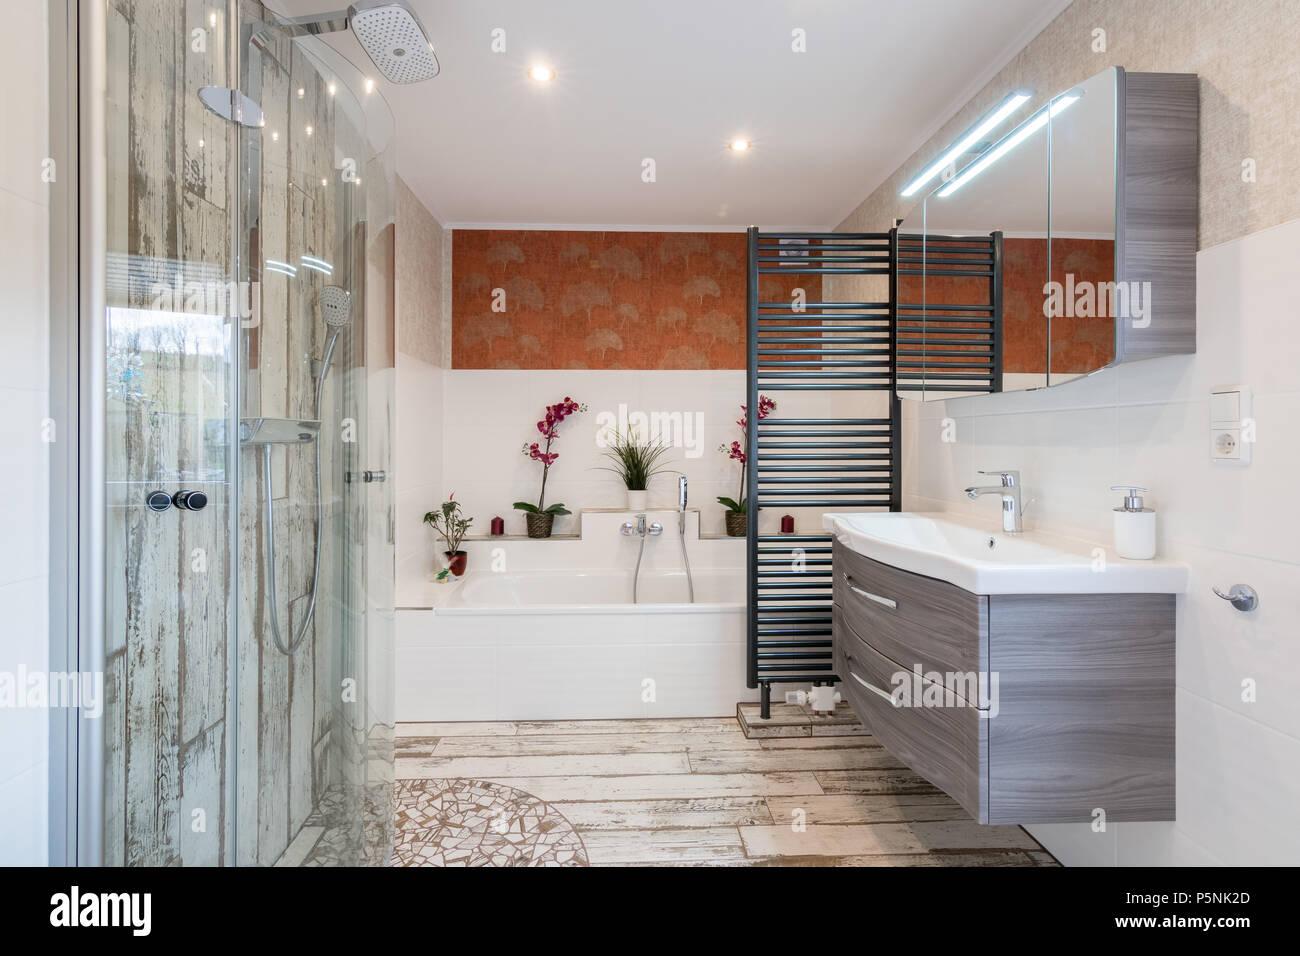 Modernes Bad Im Traditionellen Stil Mit Waschbecken, Badewanne, Dusche Aus  Glas Und Schwarzem Handtuchtrockner.